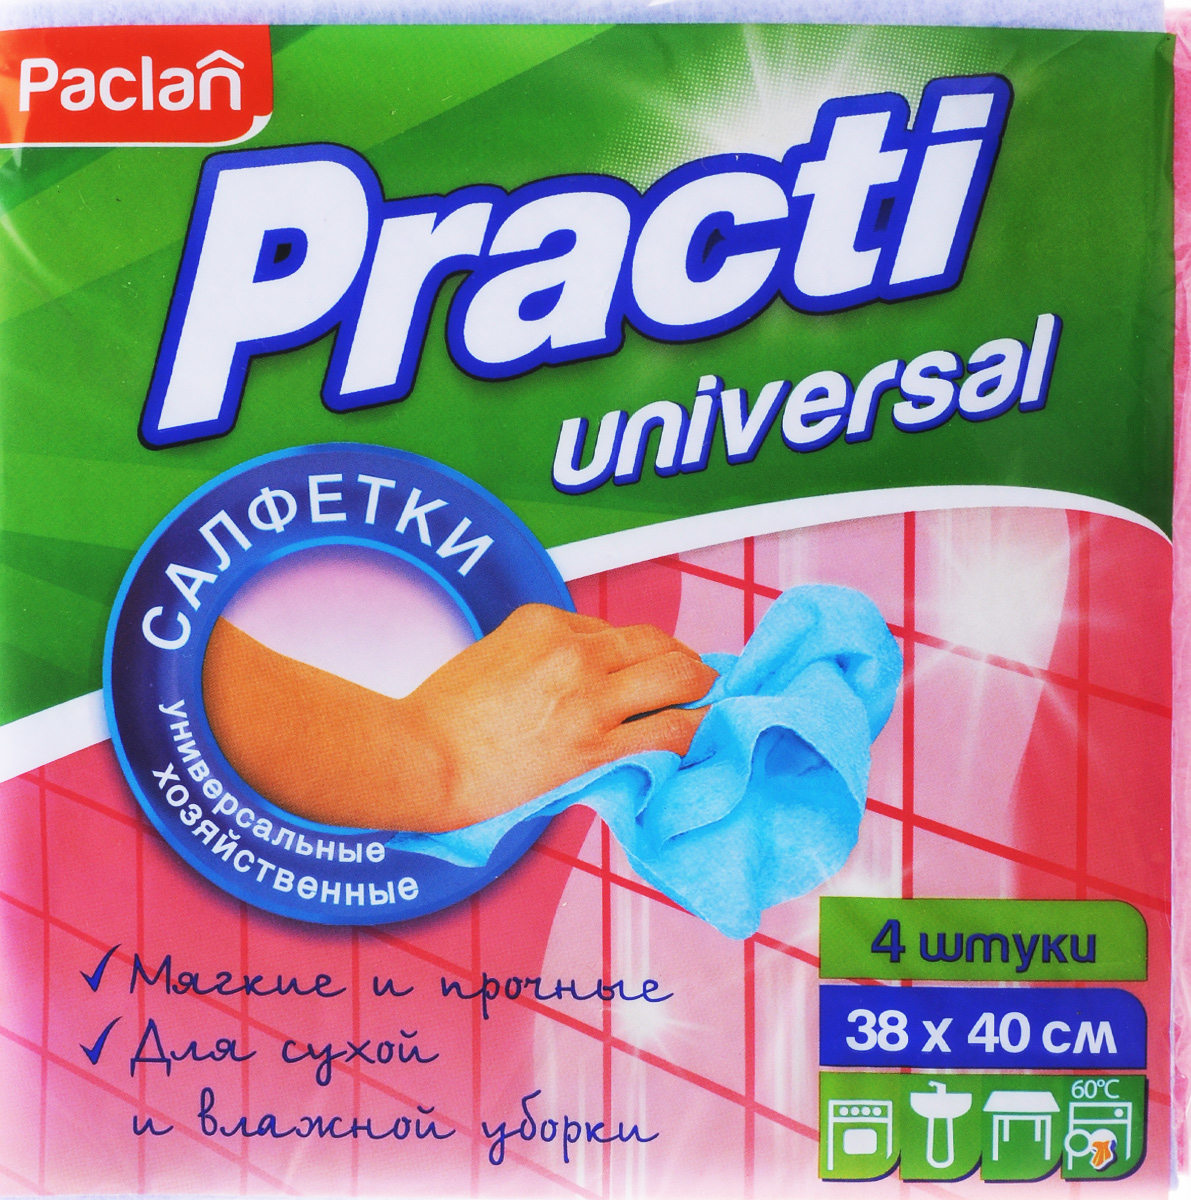 Набор универсальных салфеток для уборки Paclan Practi, 38 х 40 см, 4 шт406-021Набор Paclan Practi, выполненный из нетканого полотна (вискоза, полиэстер), состоит из 4 салфеток. Изделия предназначены для сухой и влажной уборки. Отлично впитывают жидкости, жиры, масла. Пригодны для многоразового использования, долговечны, не оставляют следов и ворсинок. Размер салфетки: 38 х 40 см.